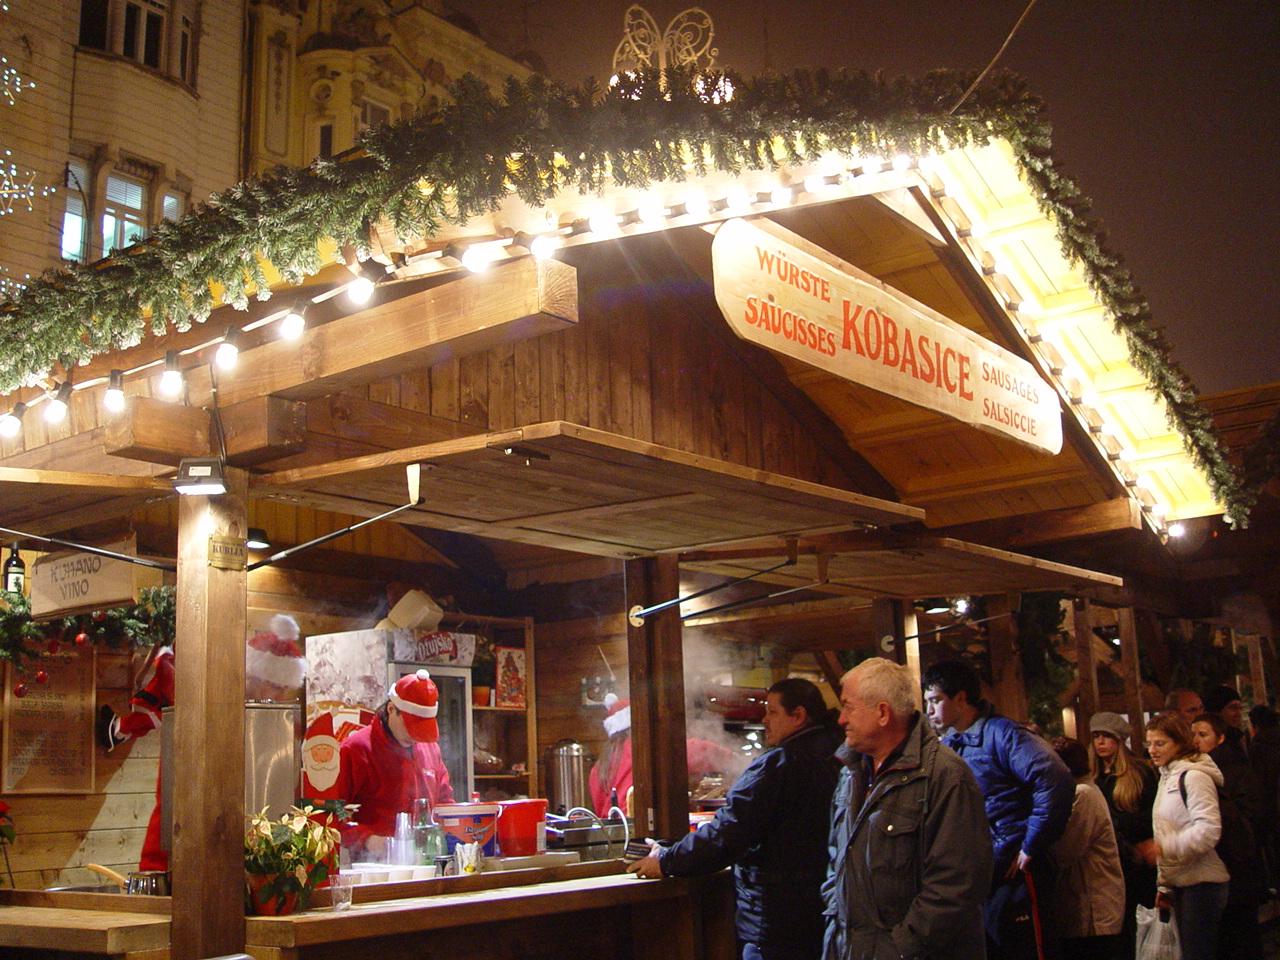 Weihnachtsmarkt Die Schönsten.Die Schönsten Weihnachtsmärkte In Kroatien Kroatienexpertin